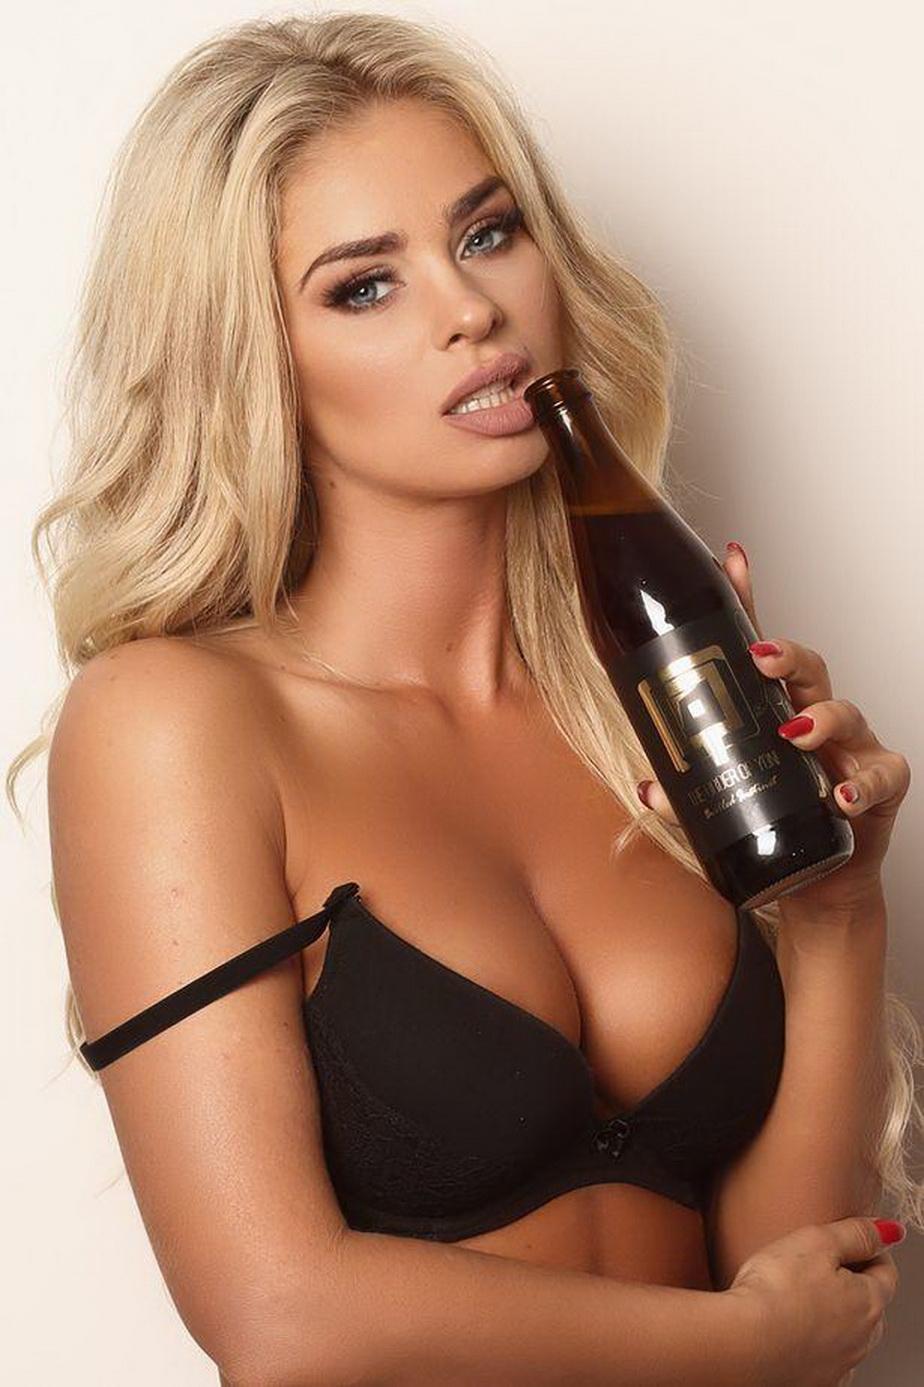 Inimaginabil! O bere cu acid lactic din vagin, scoasă la vânzare